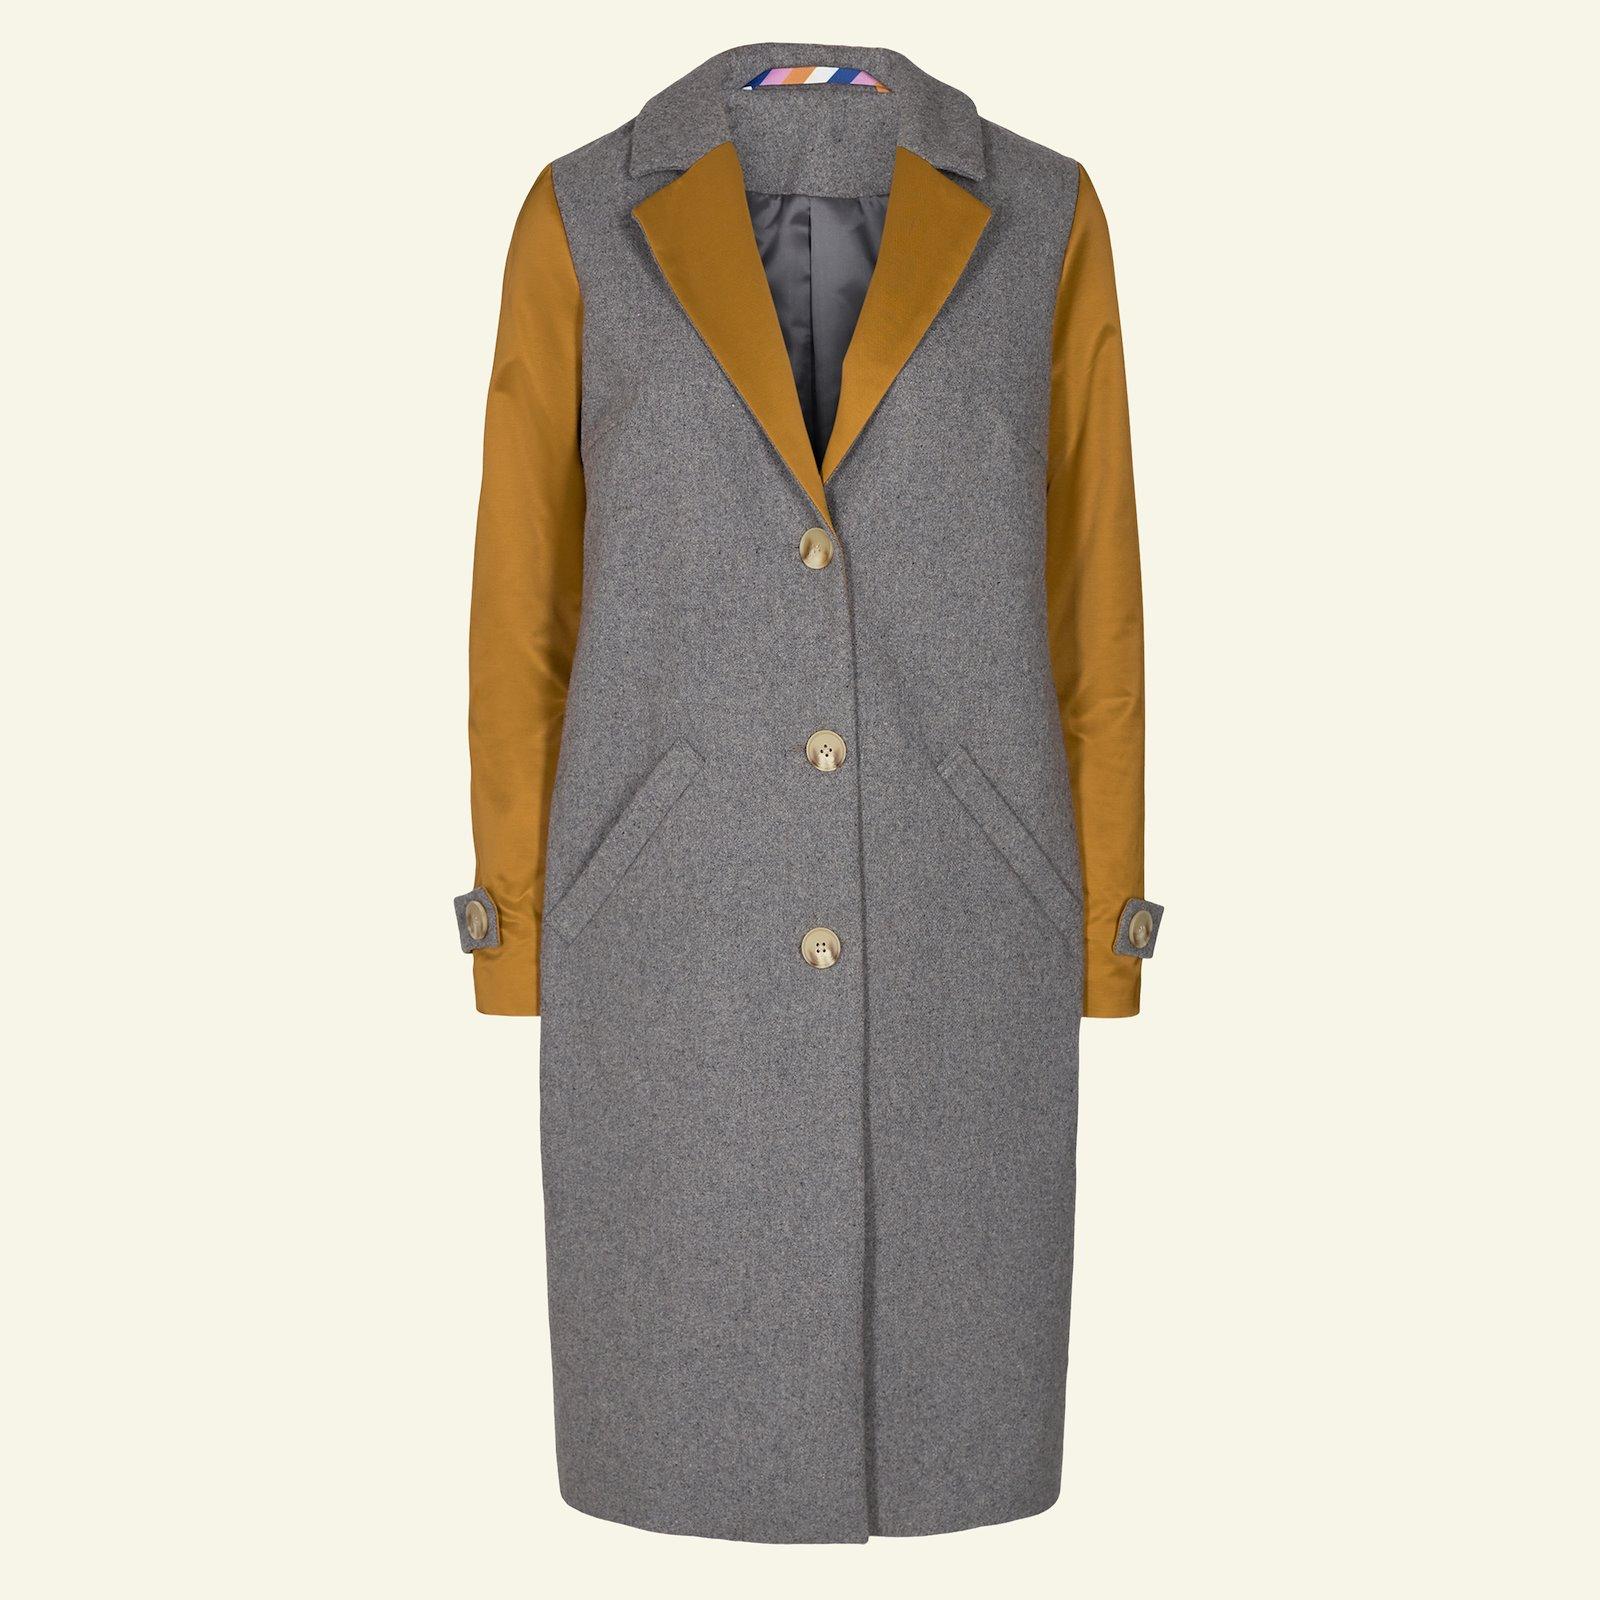 Long coat, 46/18 p24041_300130_450818_5005_40239_21338_sskit